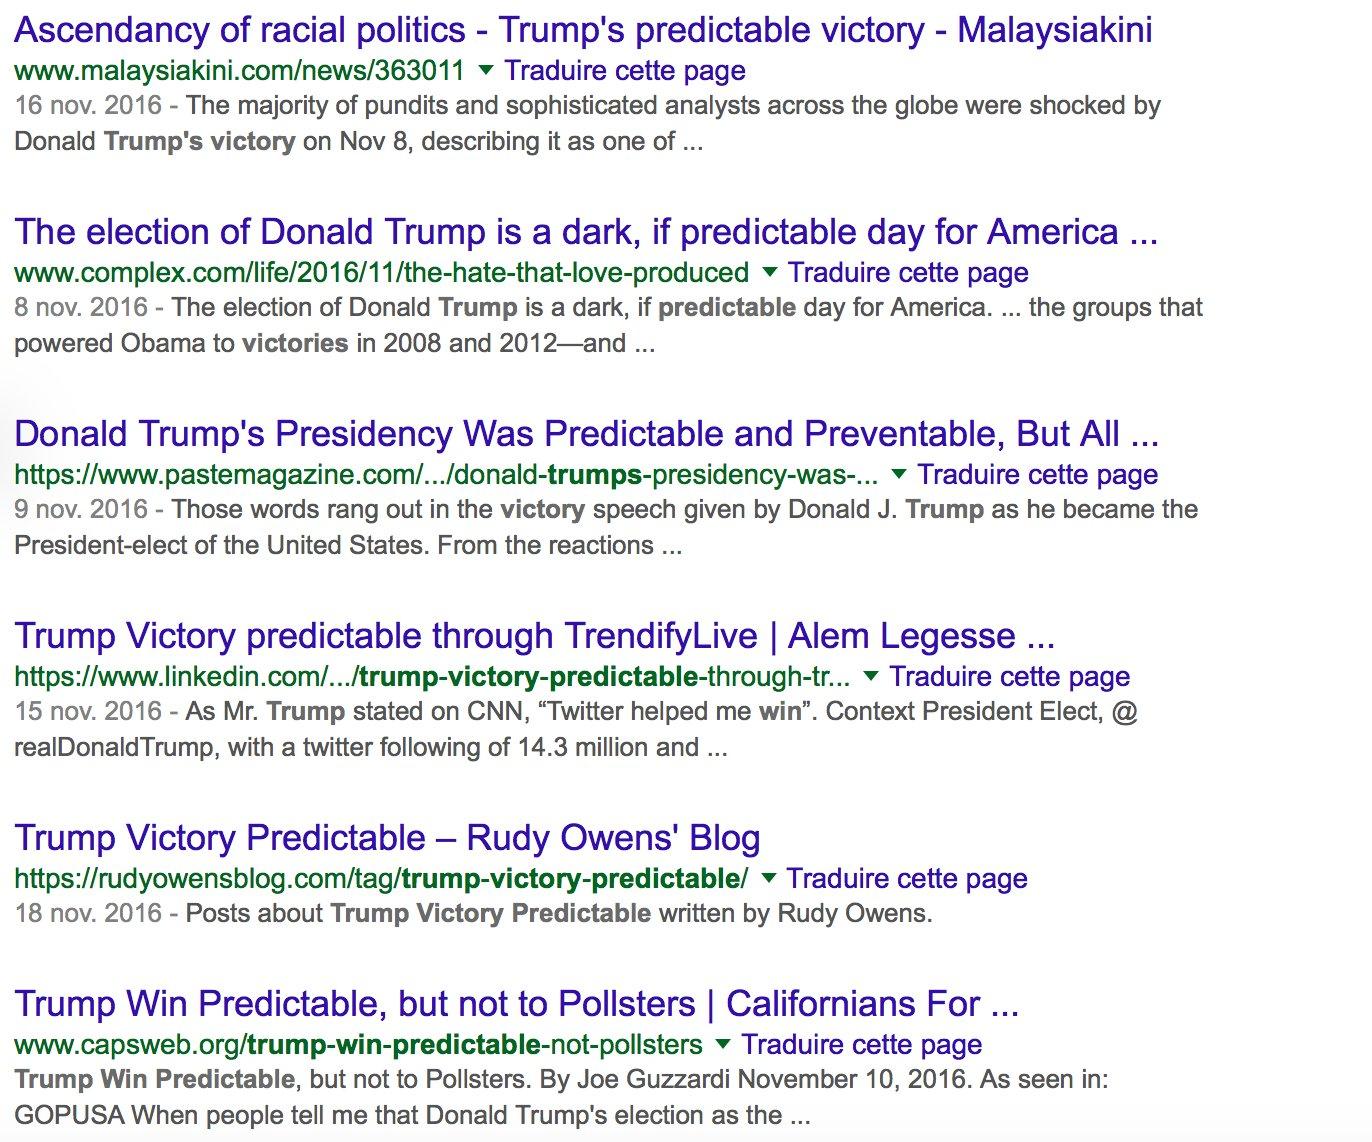 victoire trump prévisible